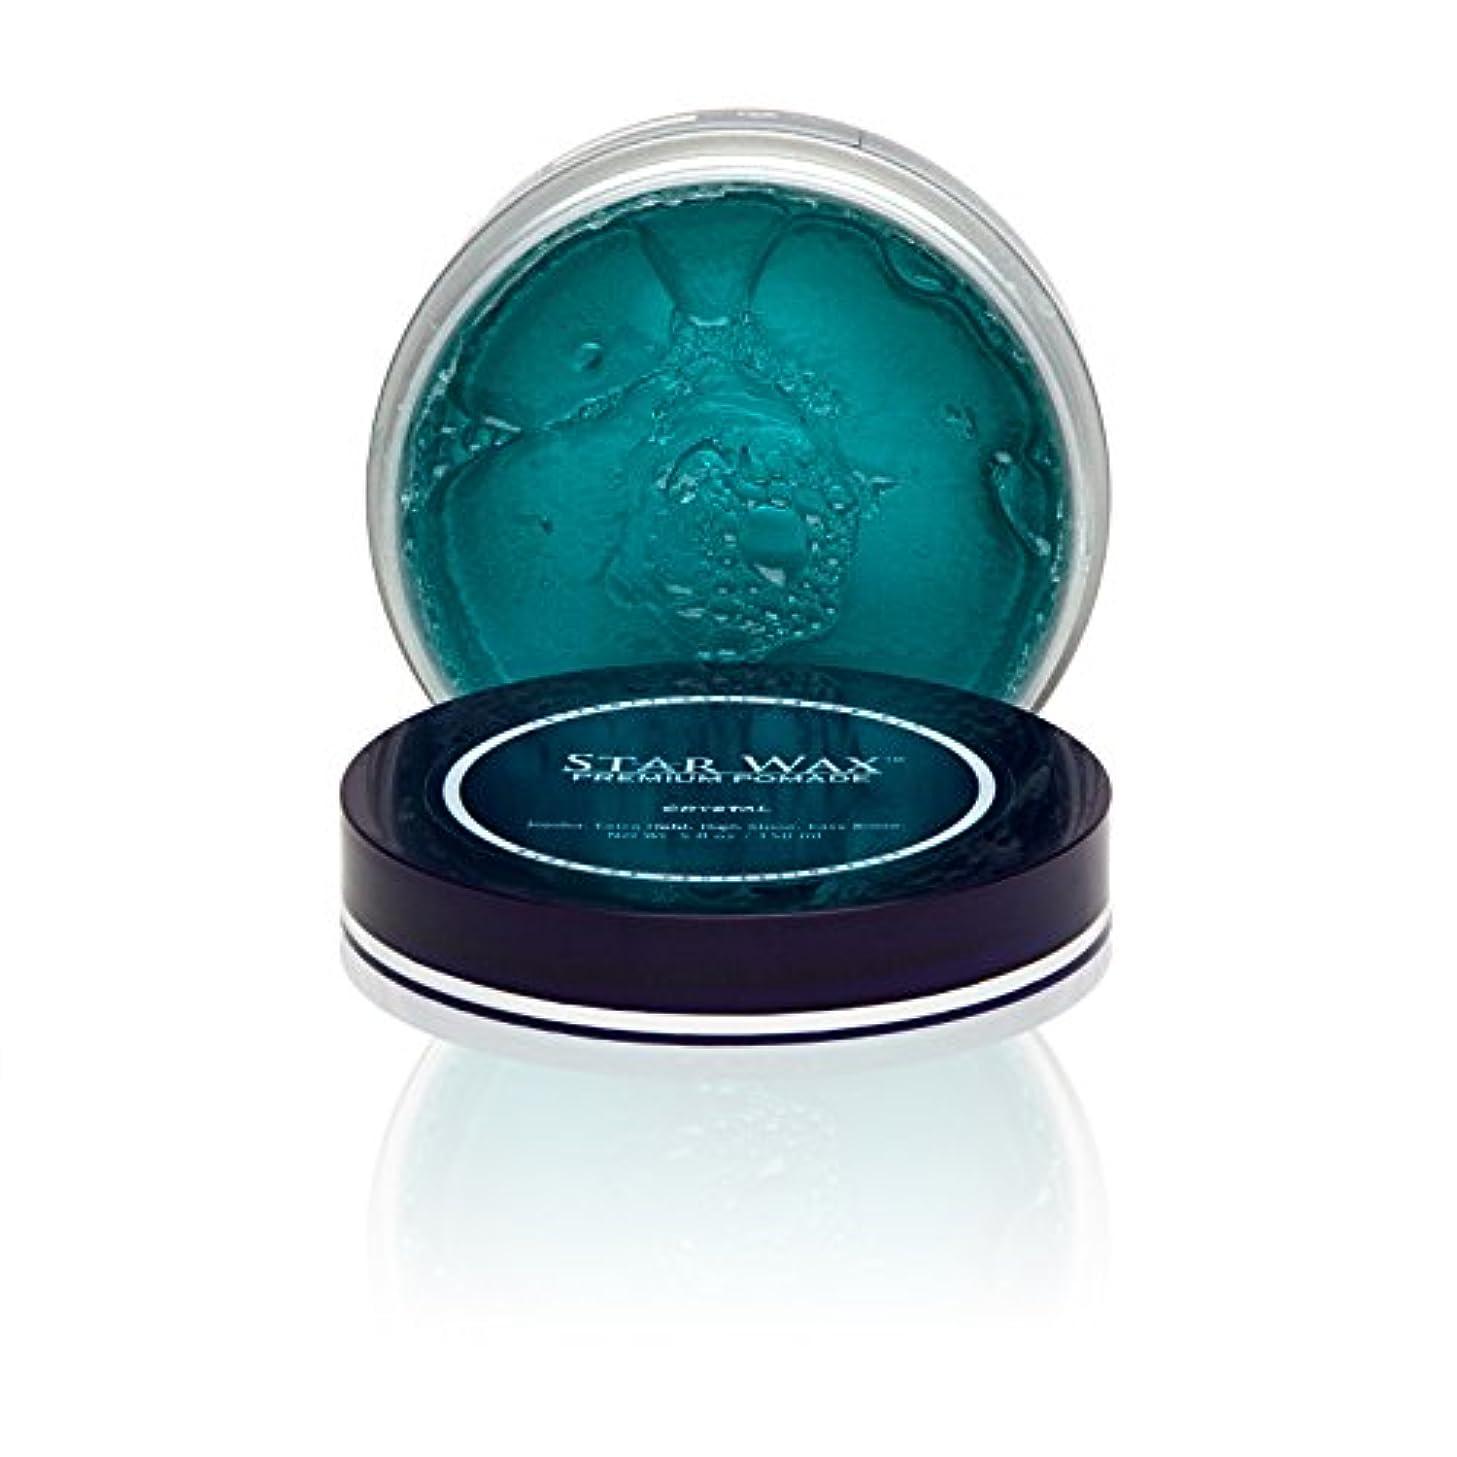 厳しい羨望戸棚Star Wax   Premium Pomade, Crystal(スターワックスプレミアム ポマード「クリスタル」)?Star Pro Line(スタープロライン)製?5(液量)オンス/150ml